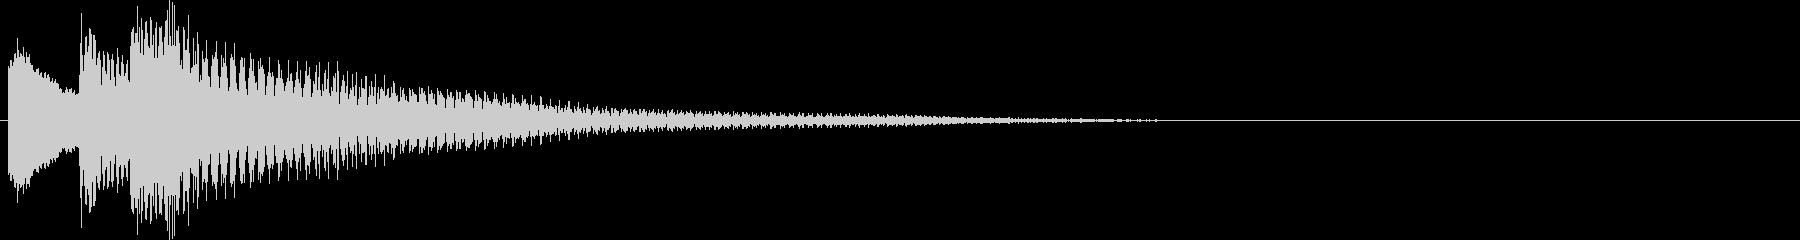 パララン(キャンセル音)の未再生の波形